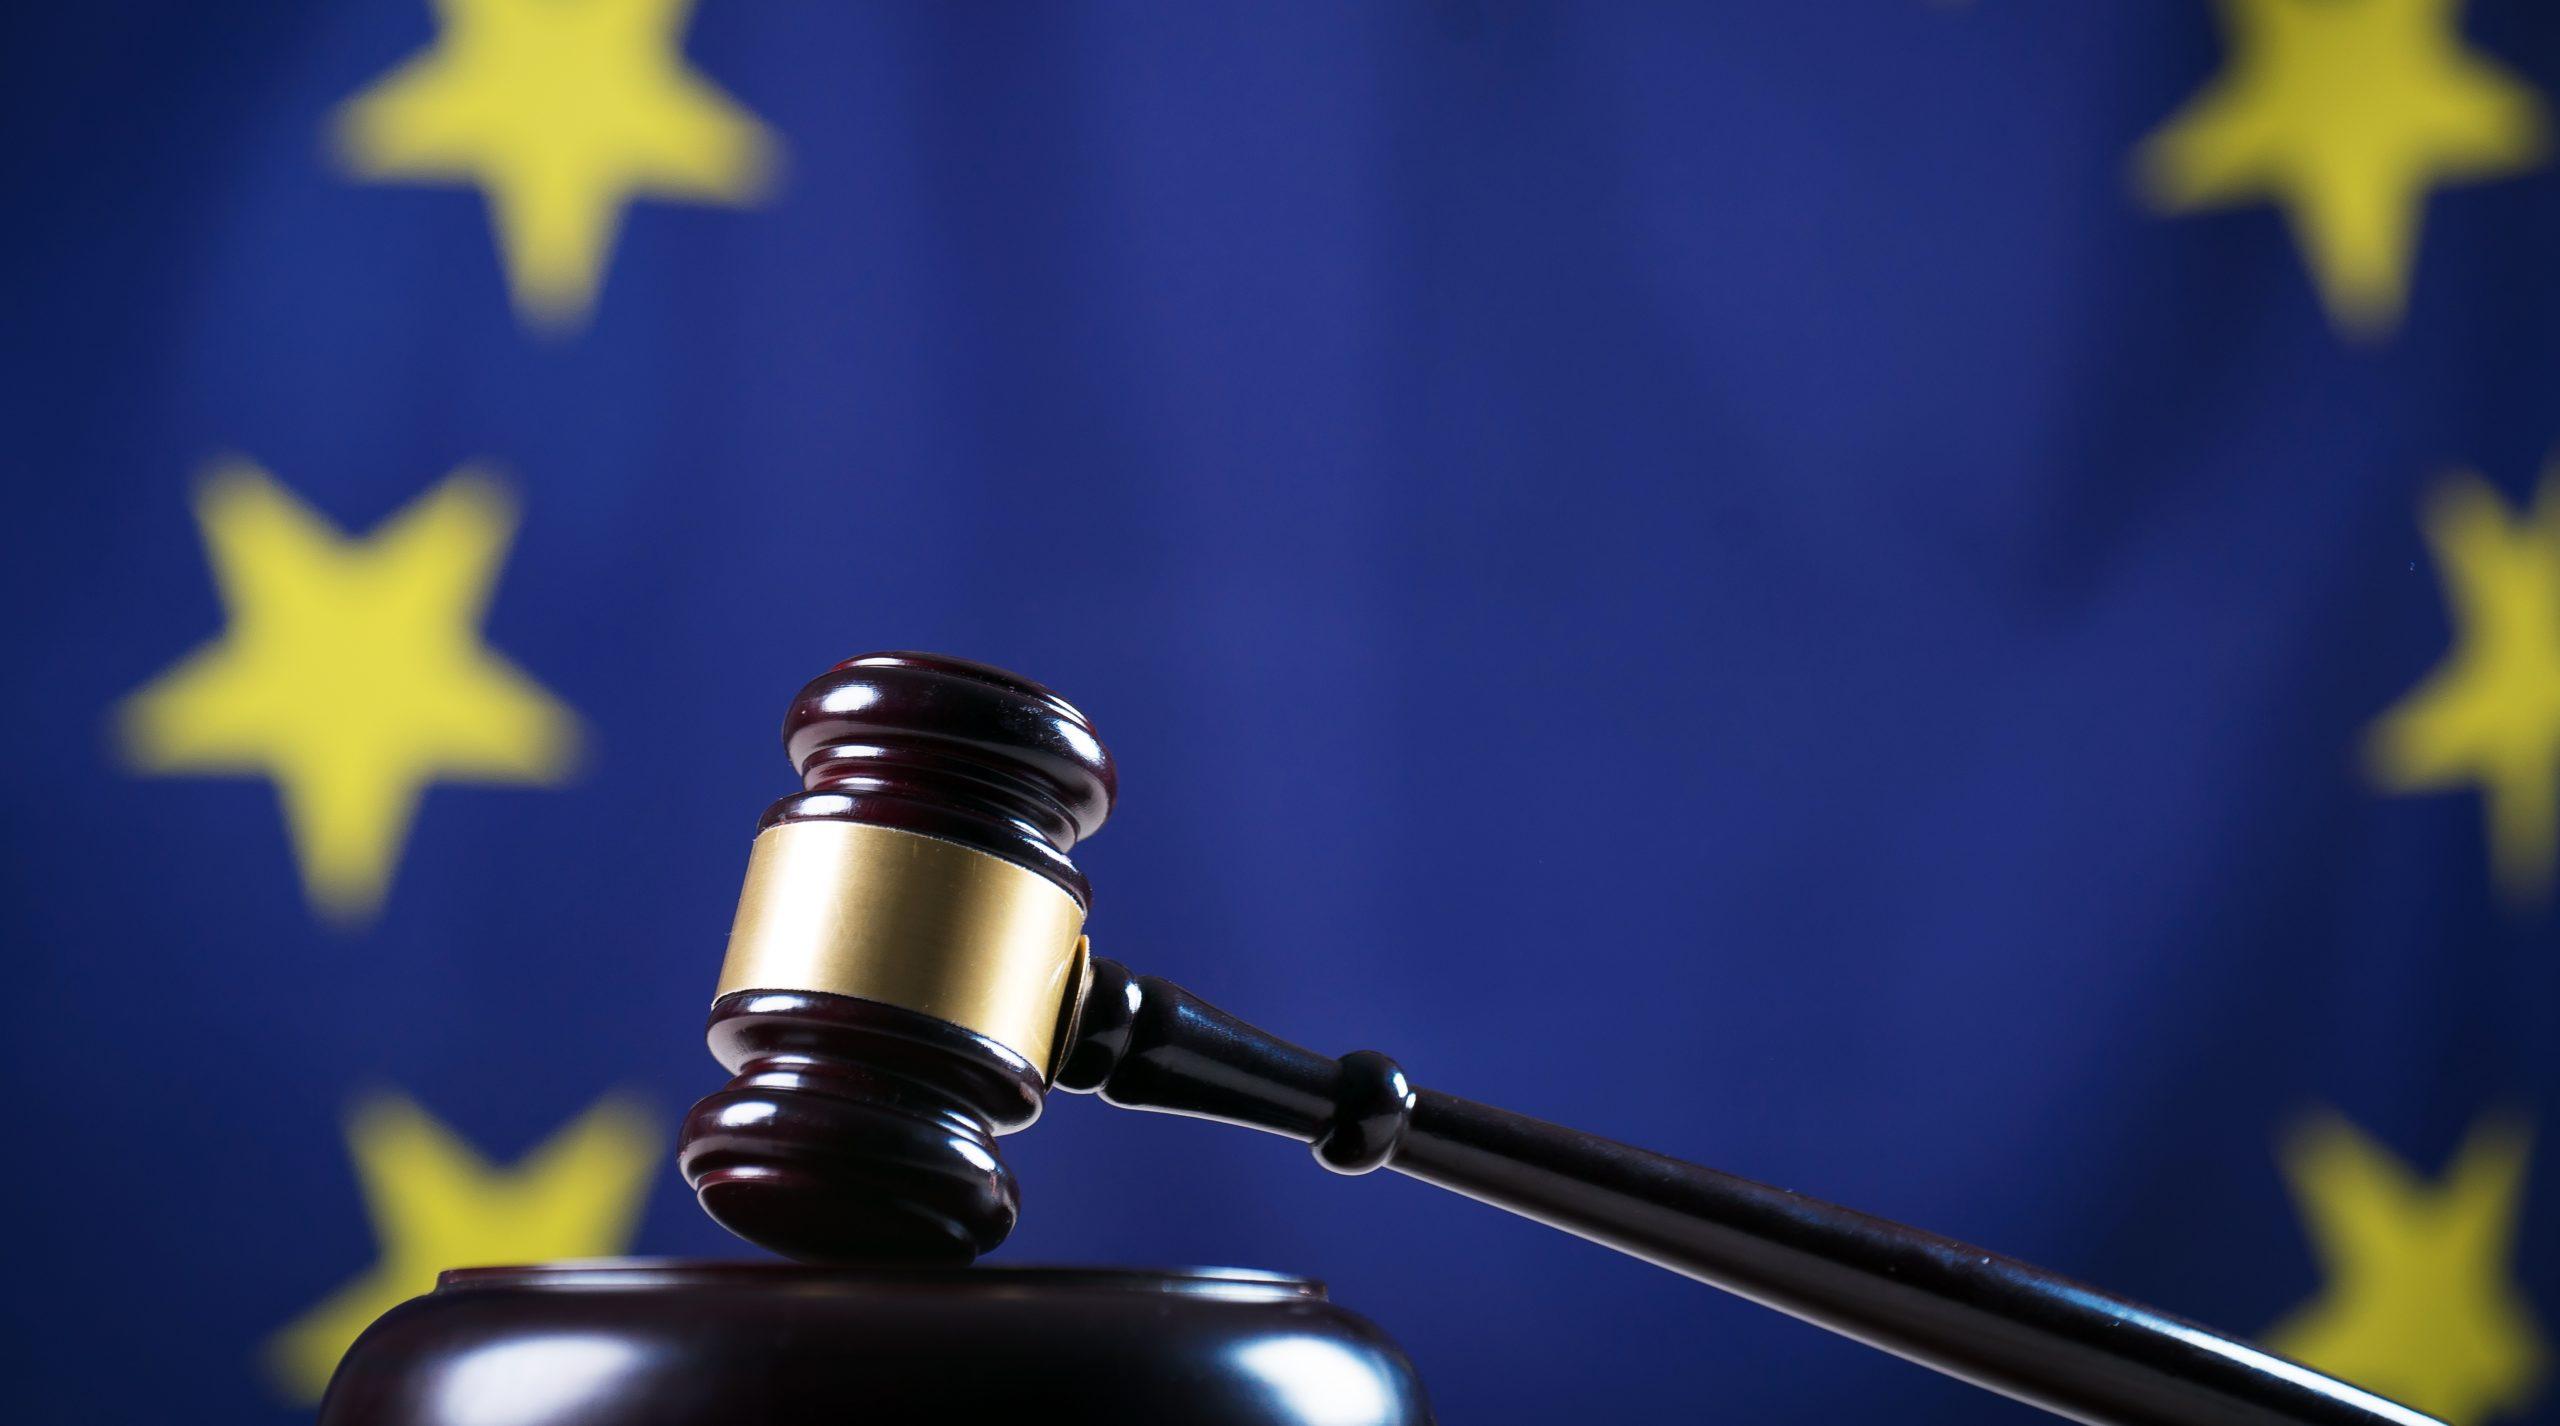 Sanctions internationales : Une politique d'ingérence et de domination